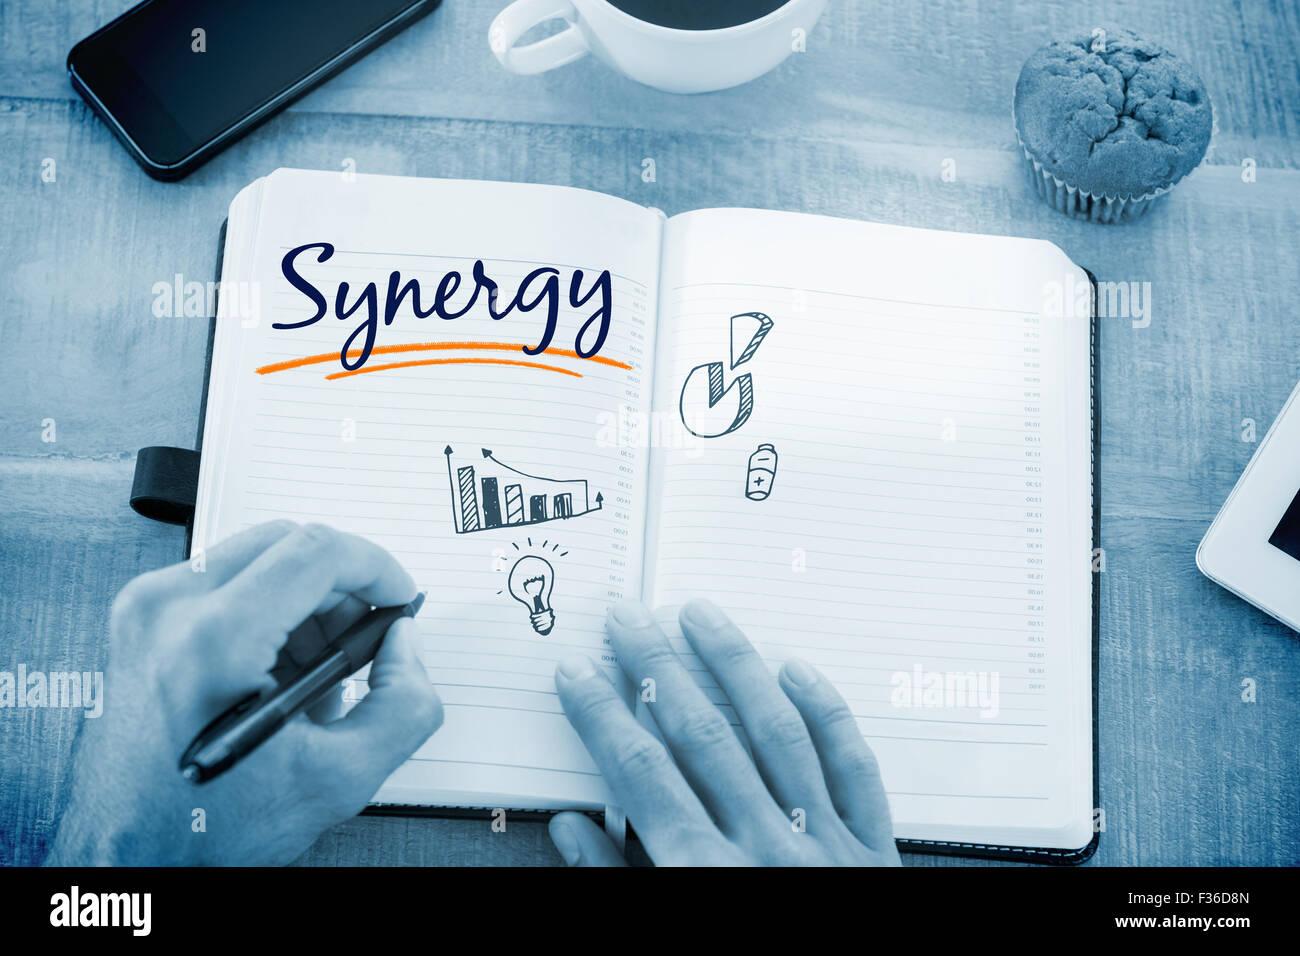 Sinergia en contra de los gráficos de negocios Imagen De Stock